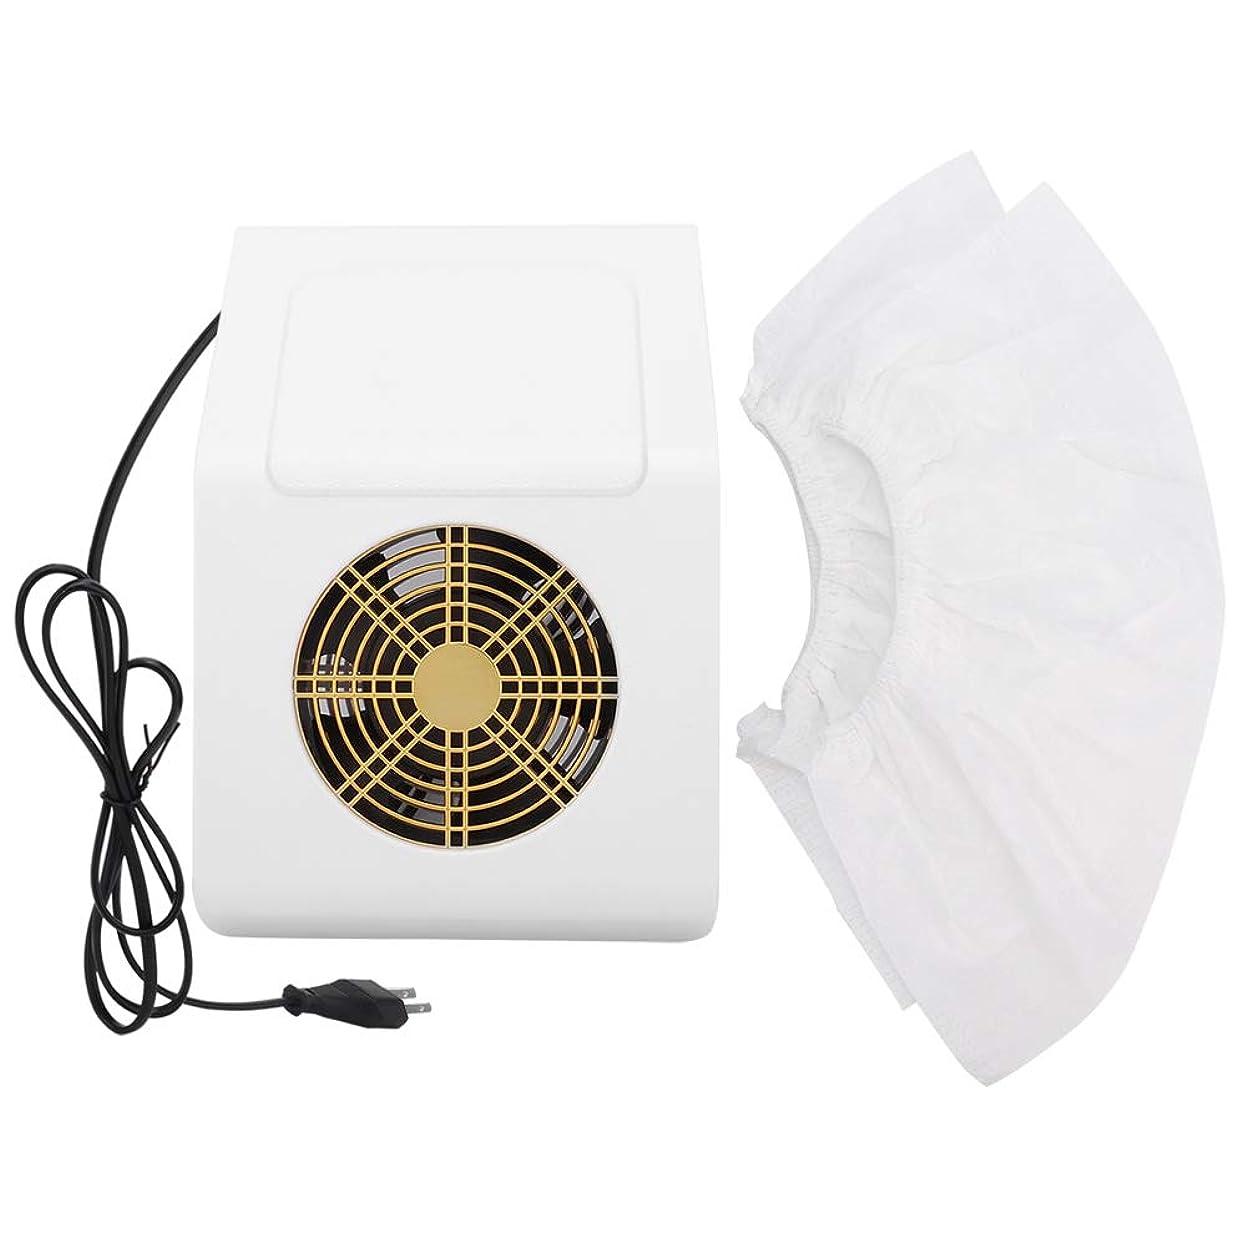 反対習熟度克服する40Wネイル集塵機、フィルター付きネイルアート吸引機掃除機マニキュアツール(白いUSプラグ)